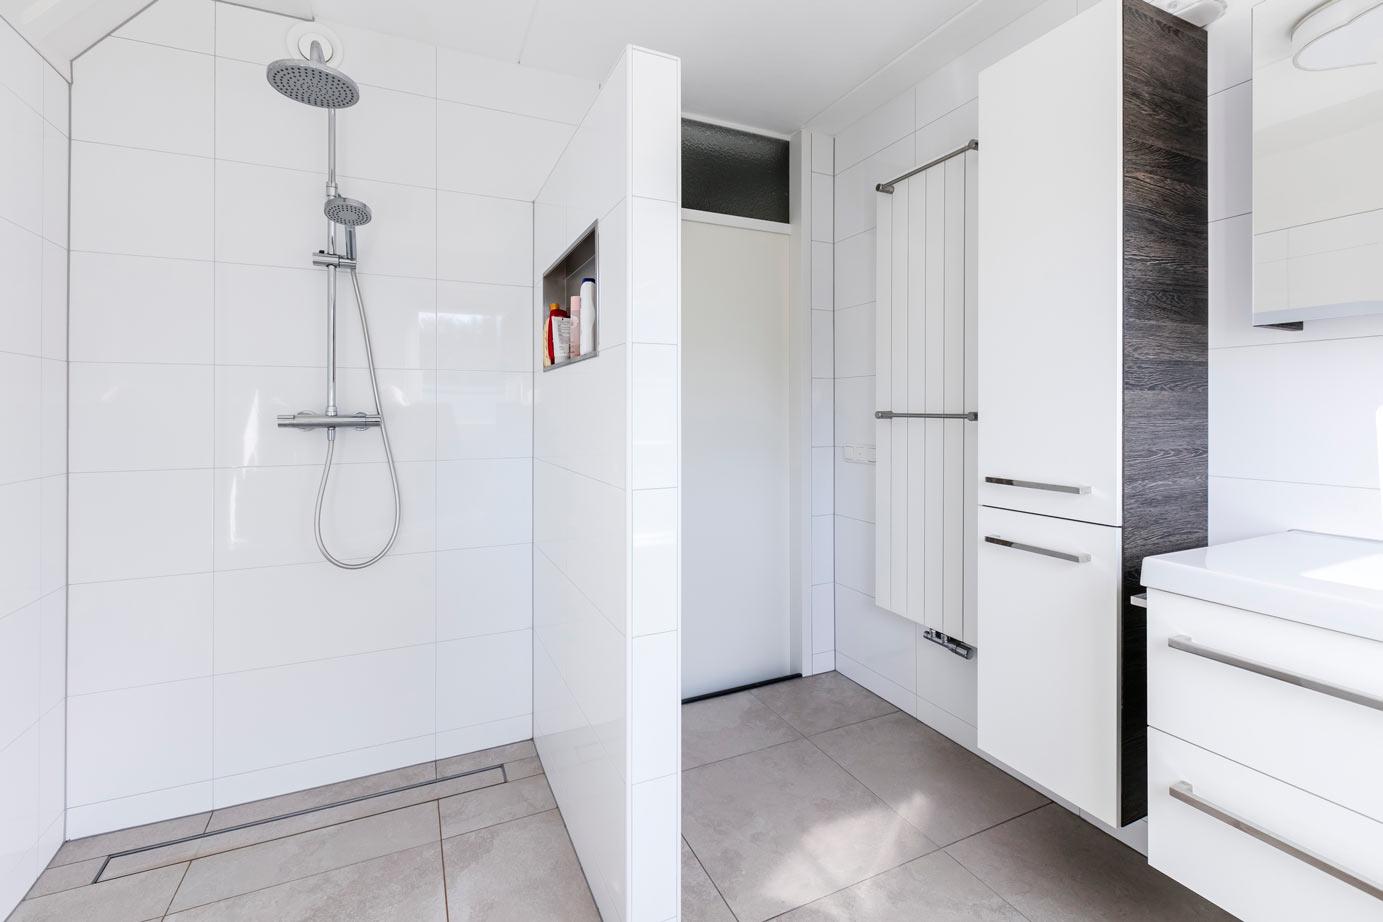 Keuken Badkamer Rijssen : Badkamer kopen ruime keus vele stijlen en lage prijzen db keukens